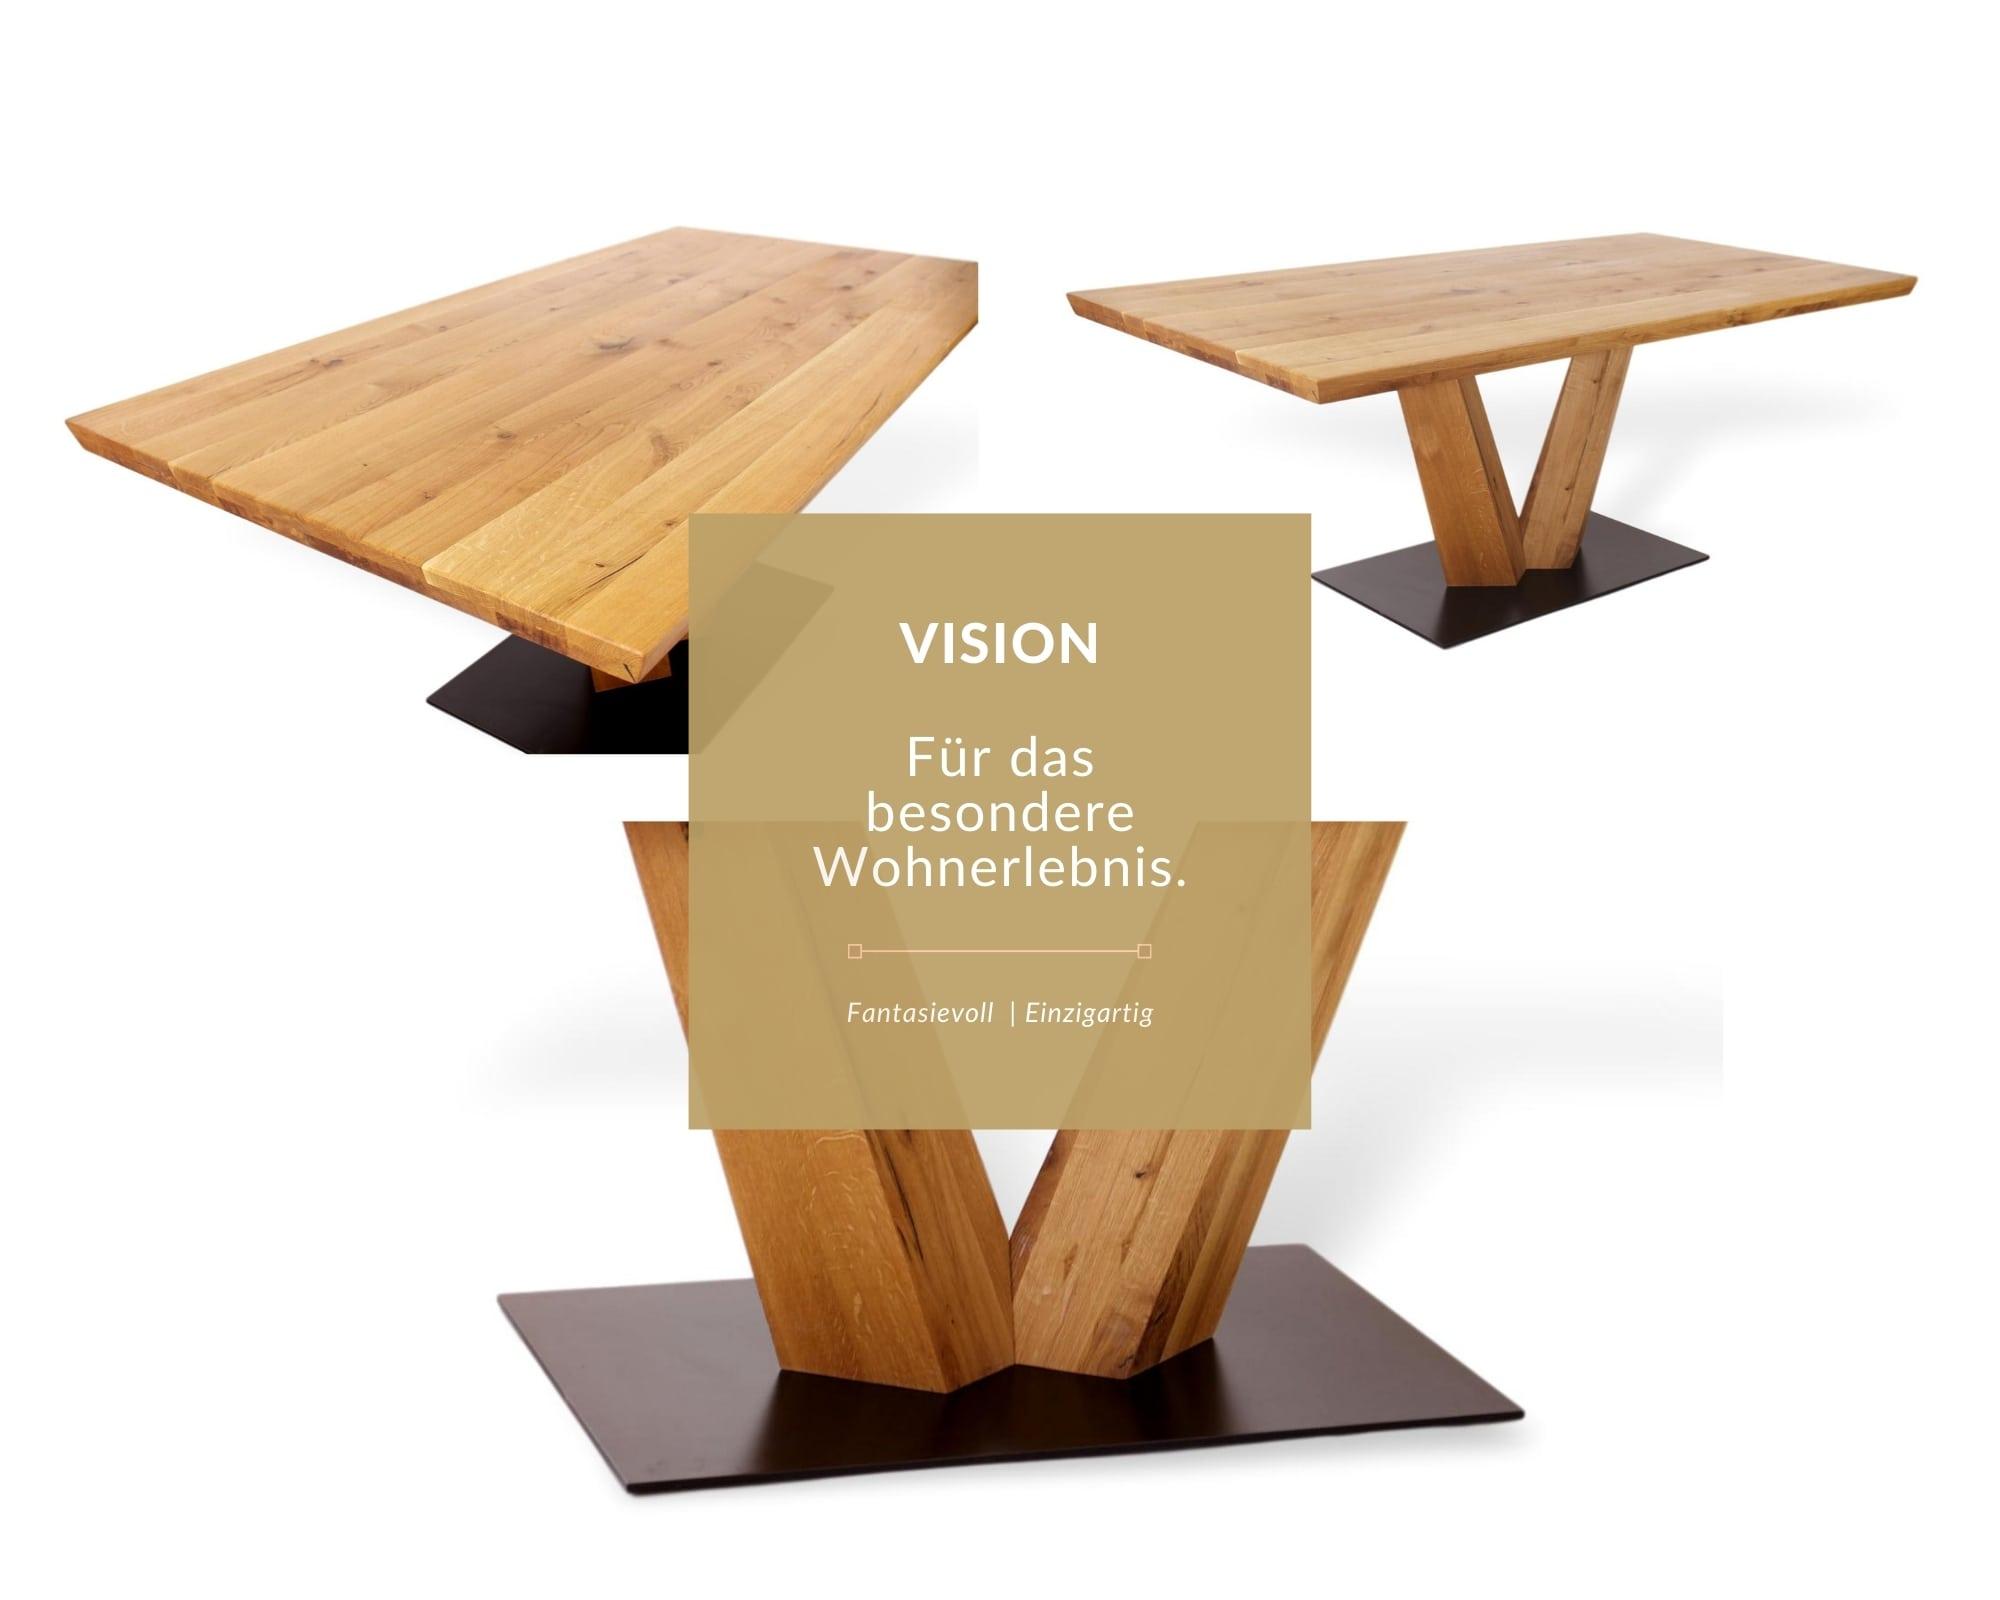 vision-massivholz-esstisch-desgin-mit-stahl